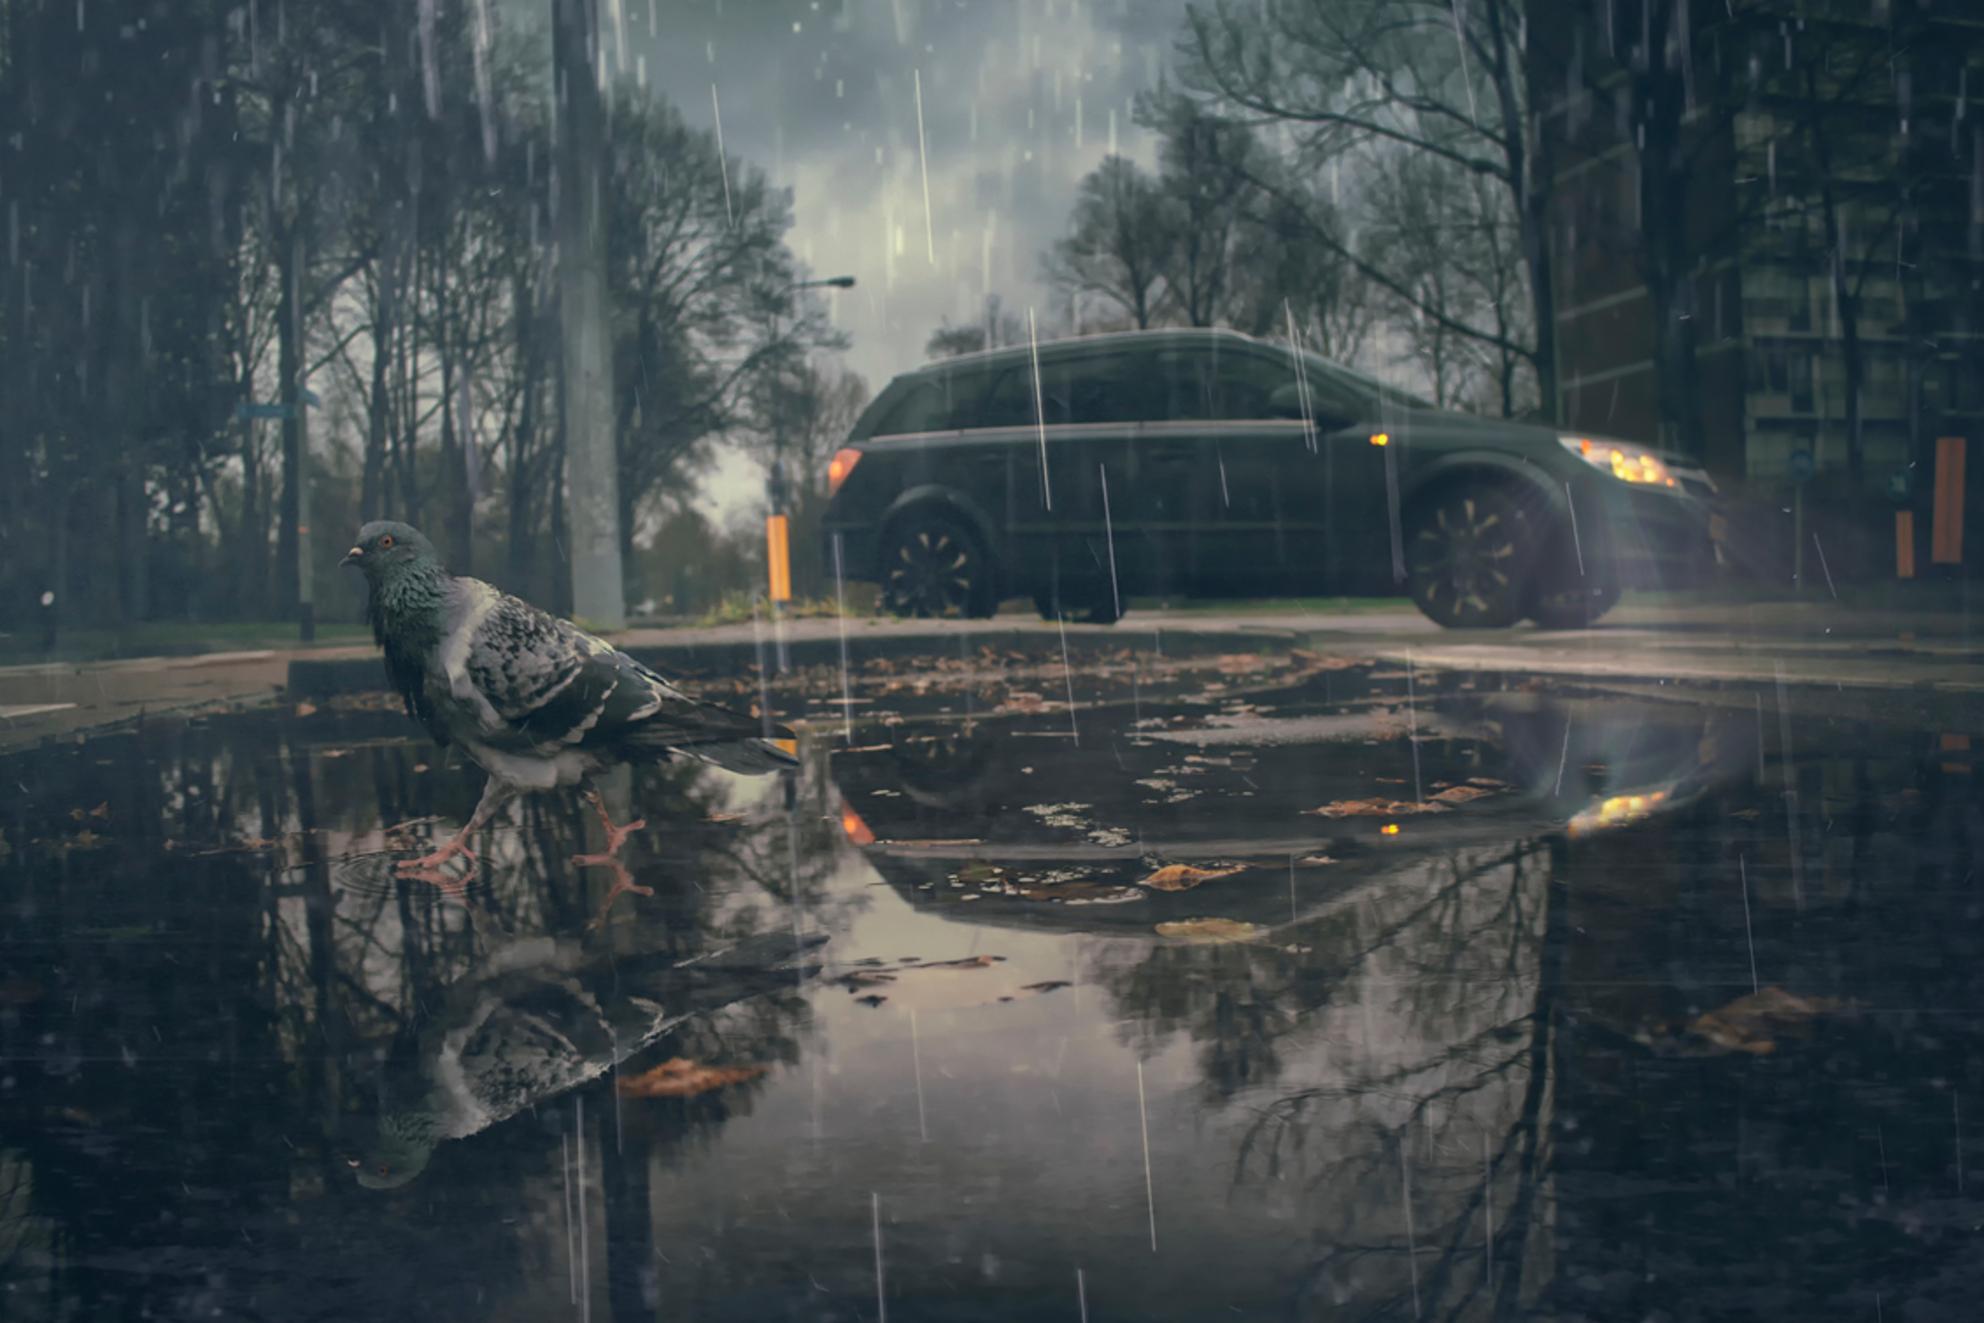 Bye, it's raining cats and dogs out here. - - - foto door Elianne92 op 22-12-2018 - deze foto bevat: straat, water, druppel, licht, humor, spiegeling, duif, auto, reflecties, straatfotografie